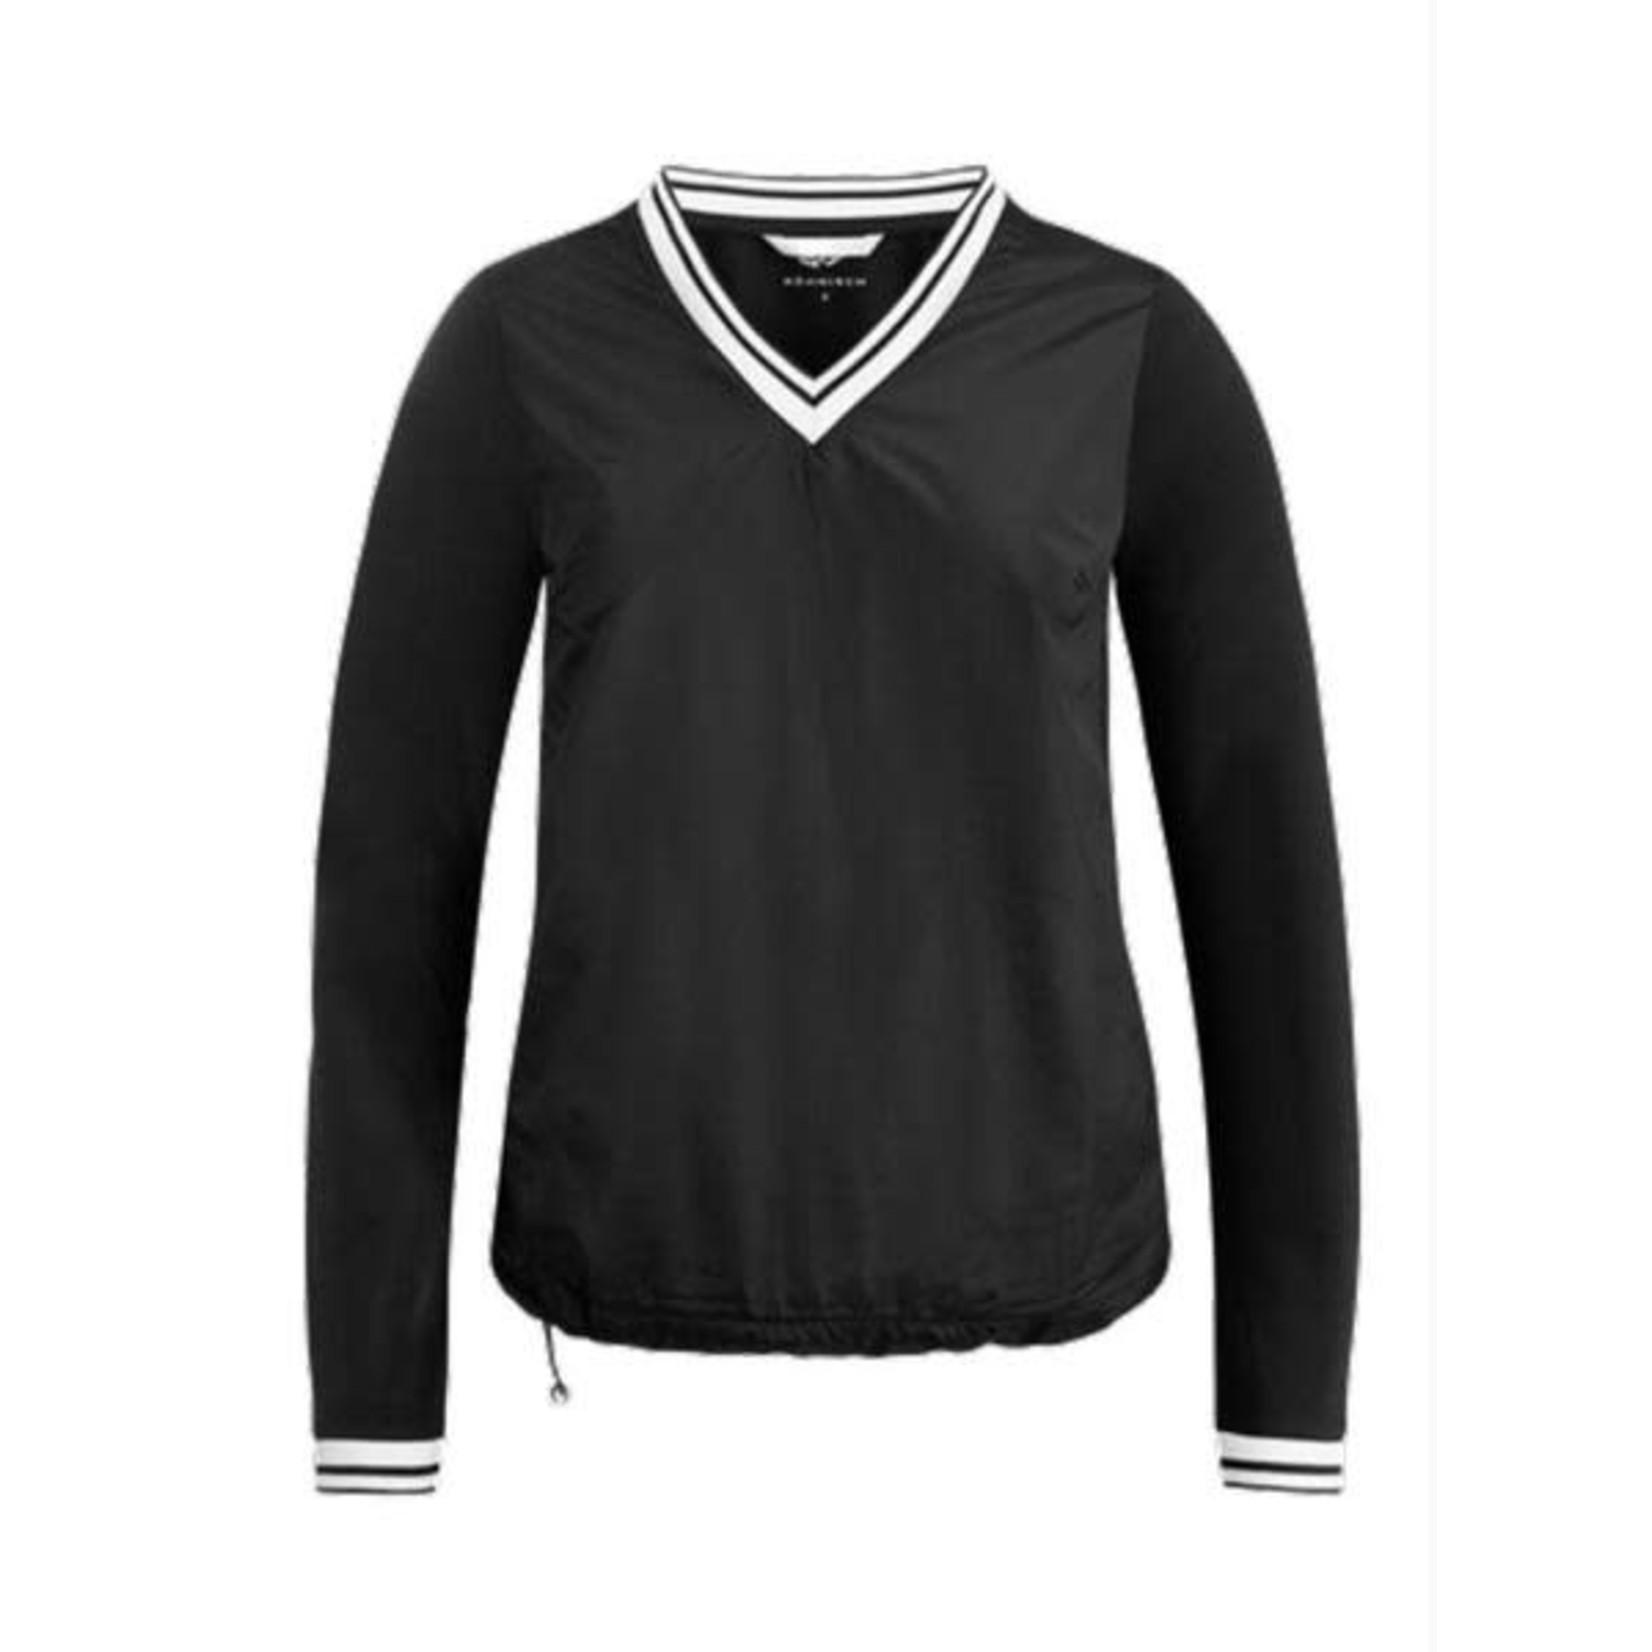 Rohnisch Rohnisch Warm Swing Pullover